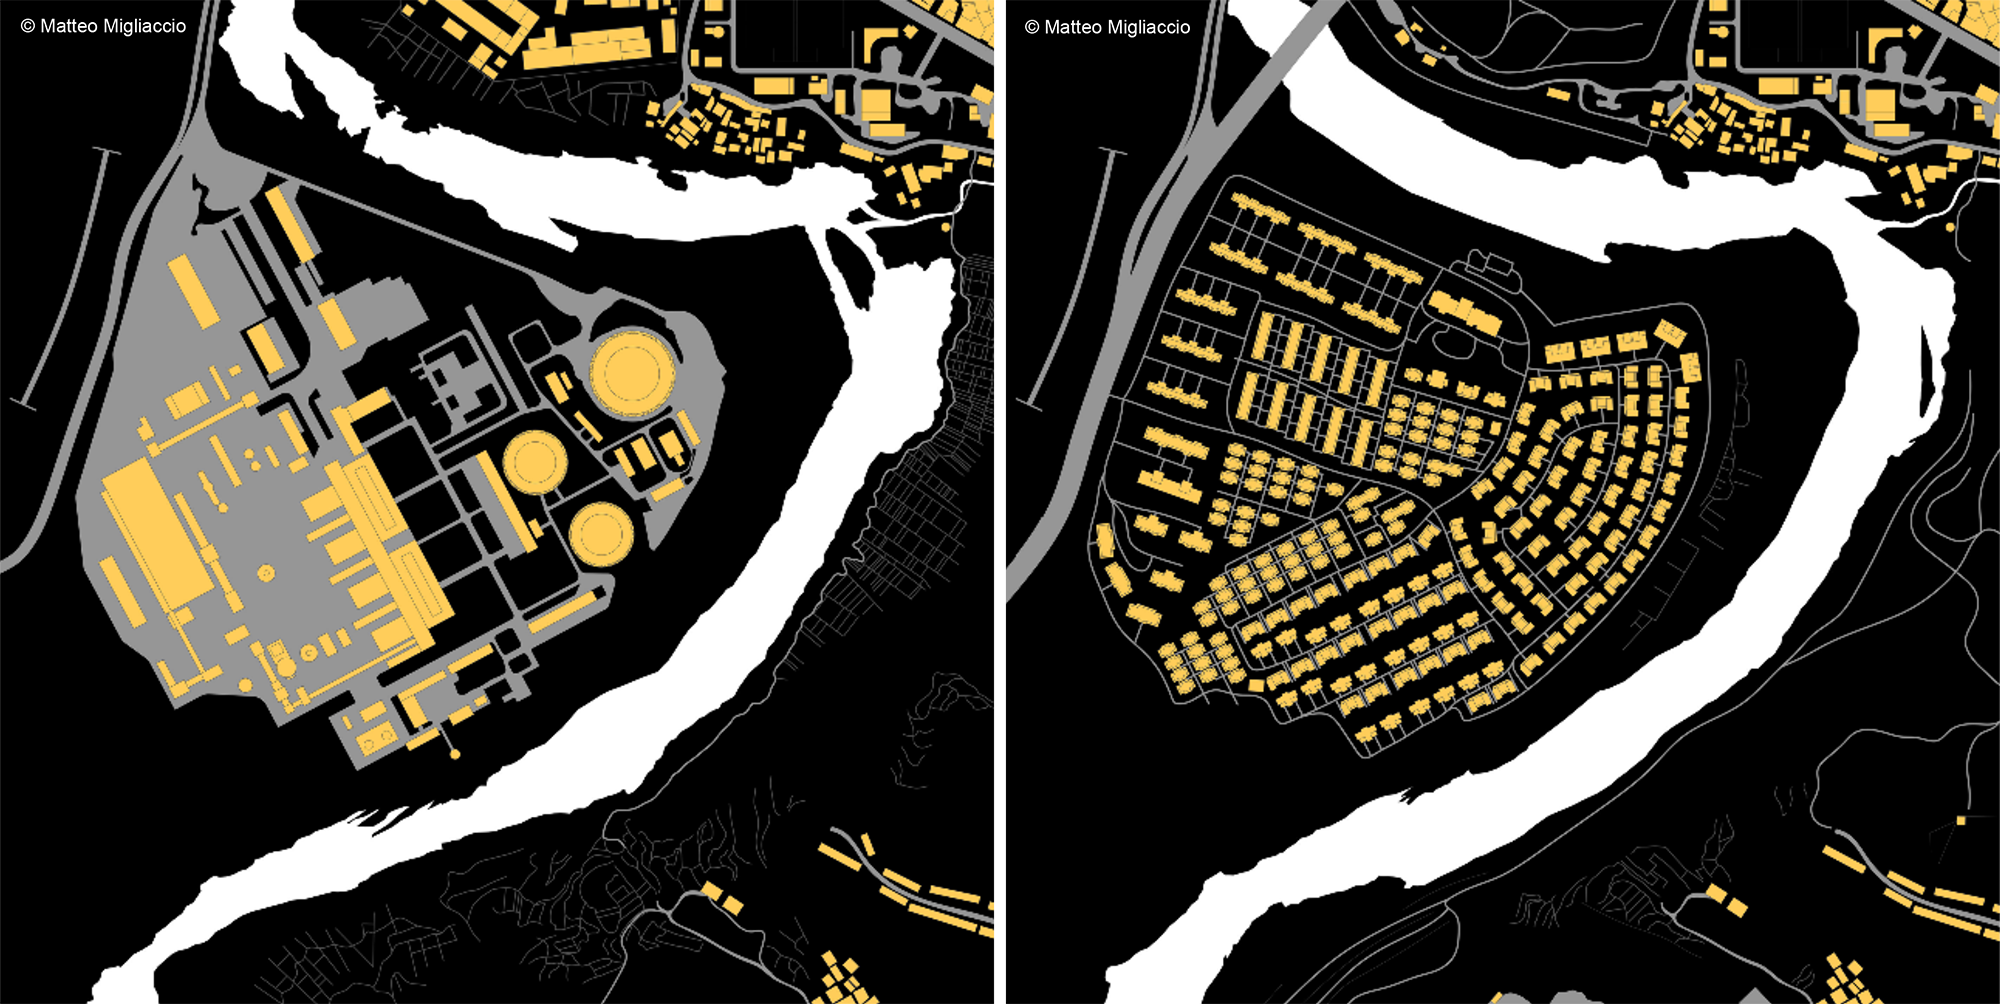 migliaccio rearticulation of urban process